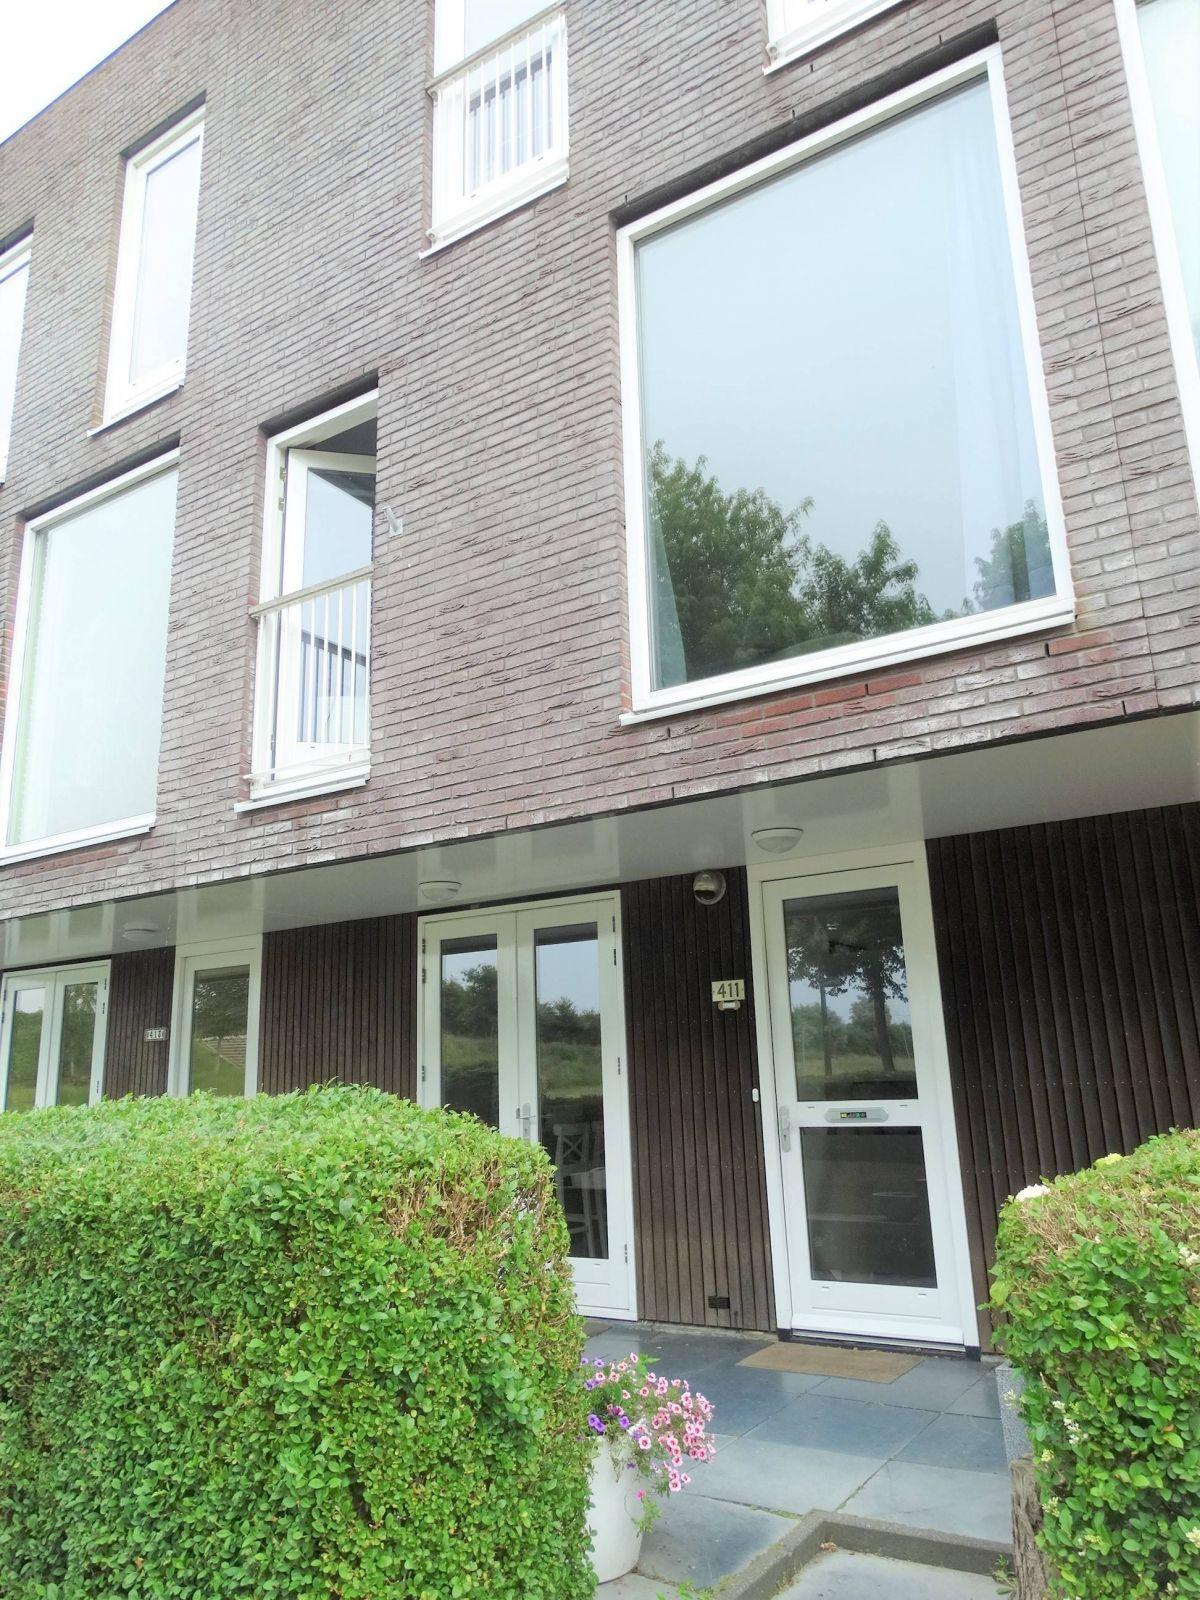 De Muy 411, Hoofddorp